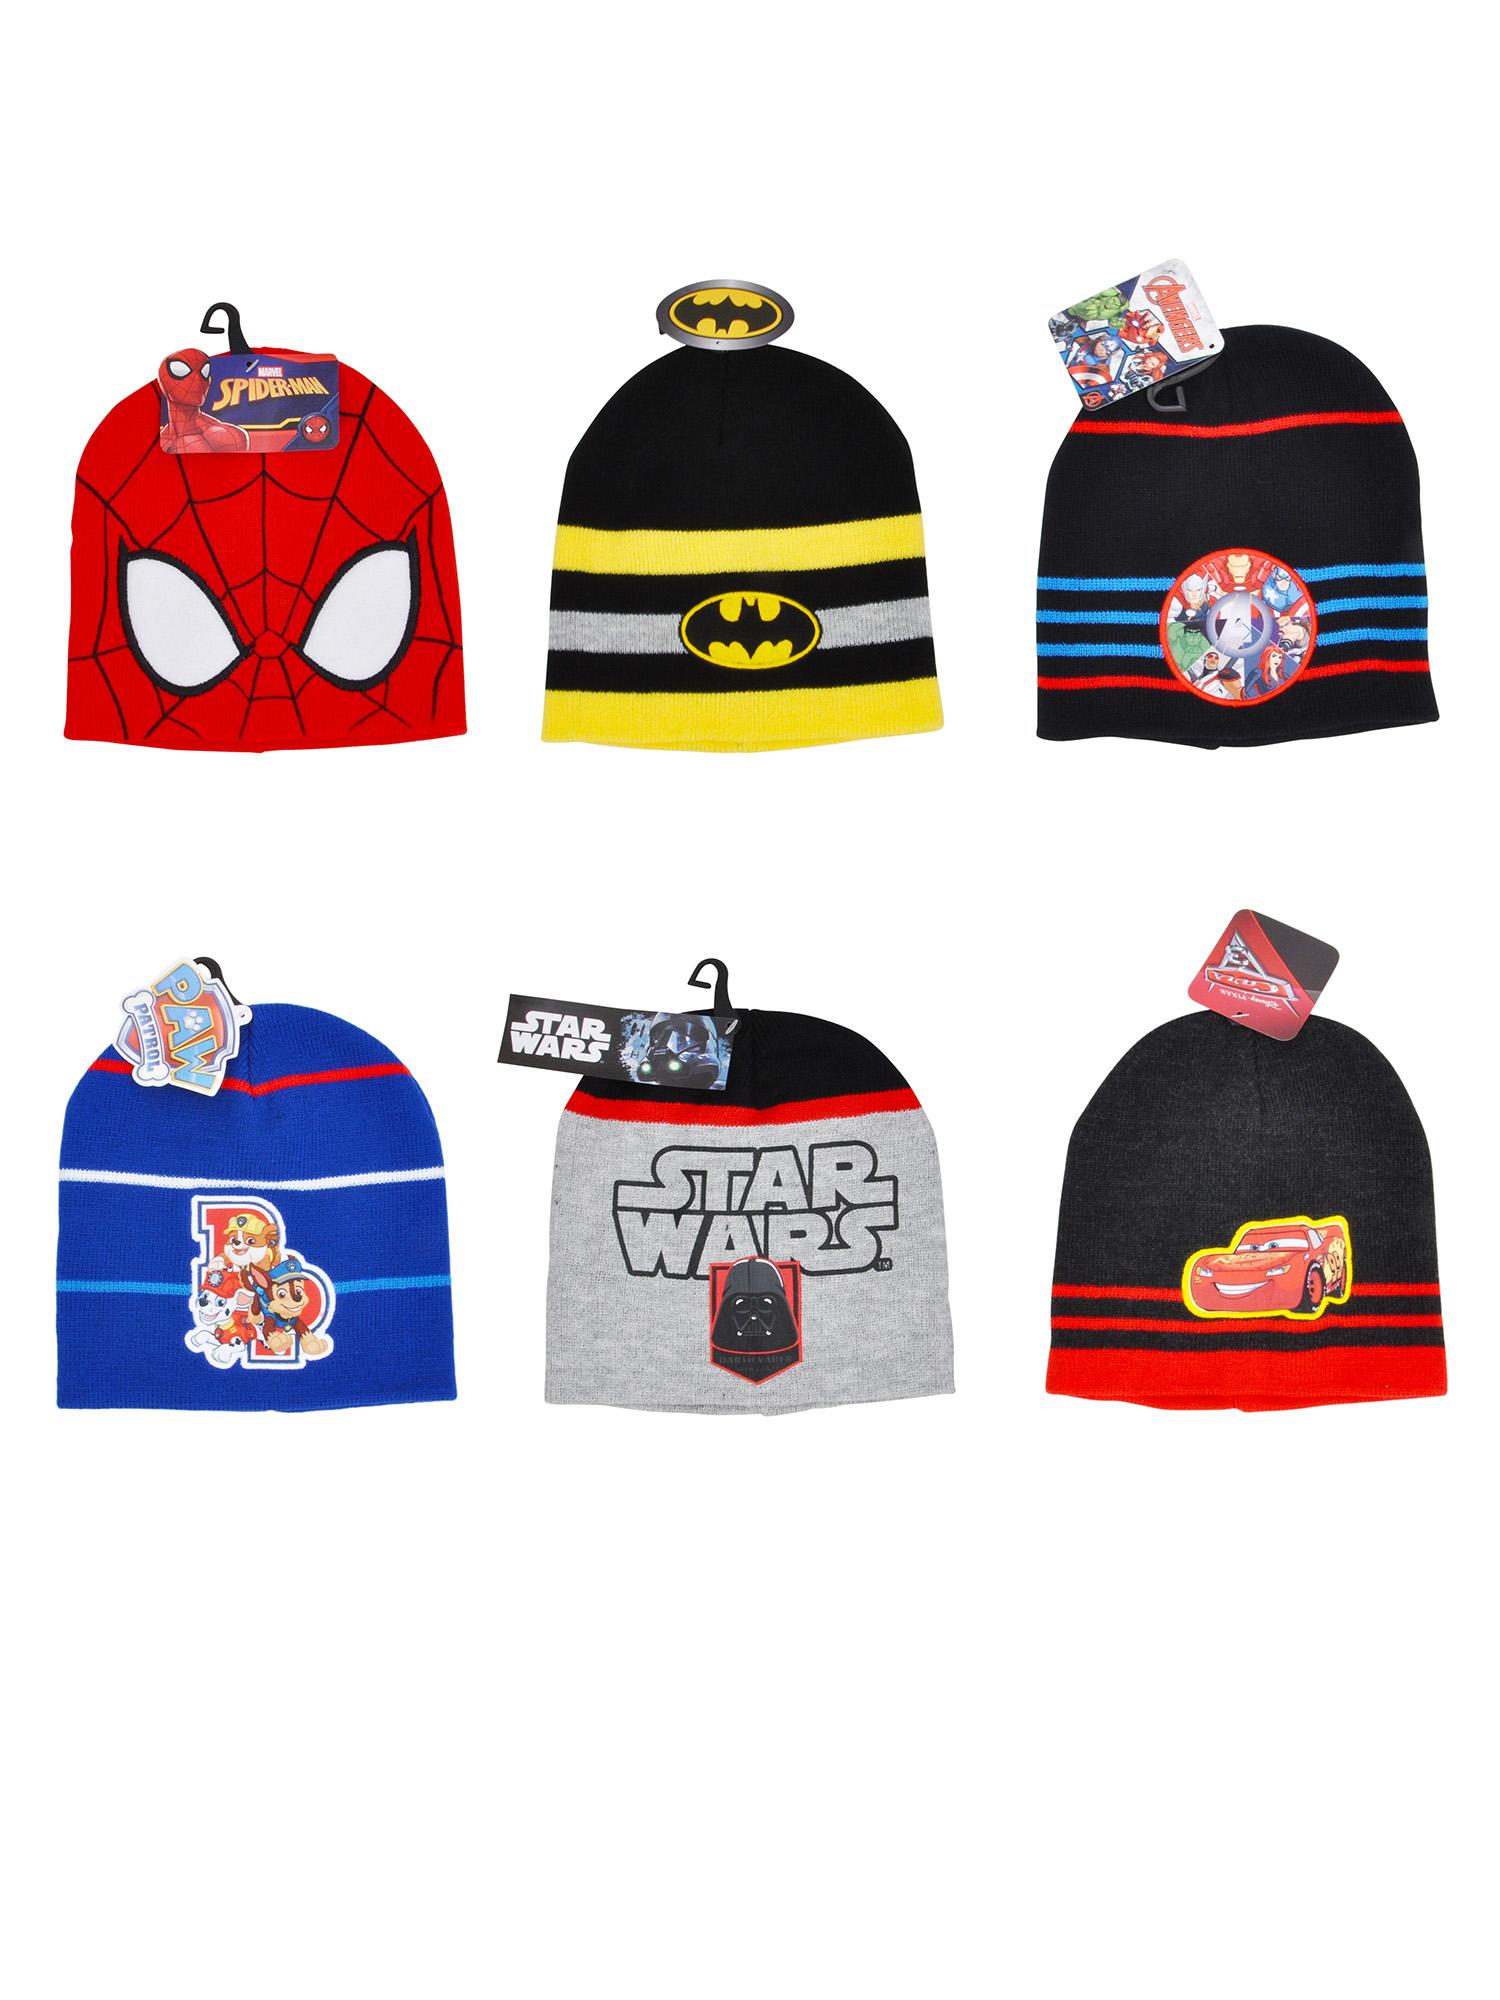 Boys Knit Cuffed Beanie Hat Choose Spider-Man Avengers Paw Patrol ... 54f005266ea